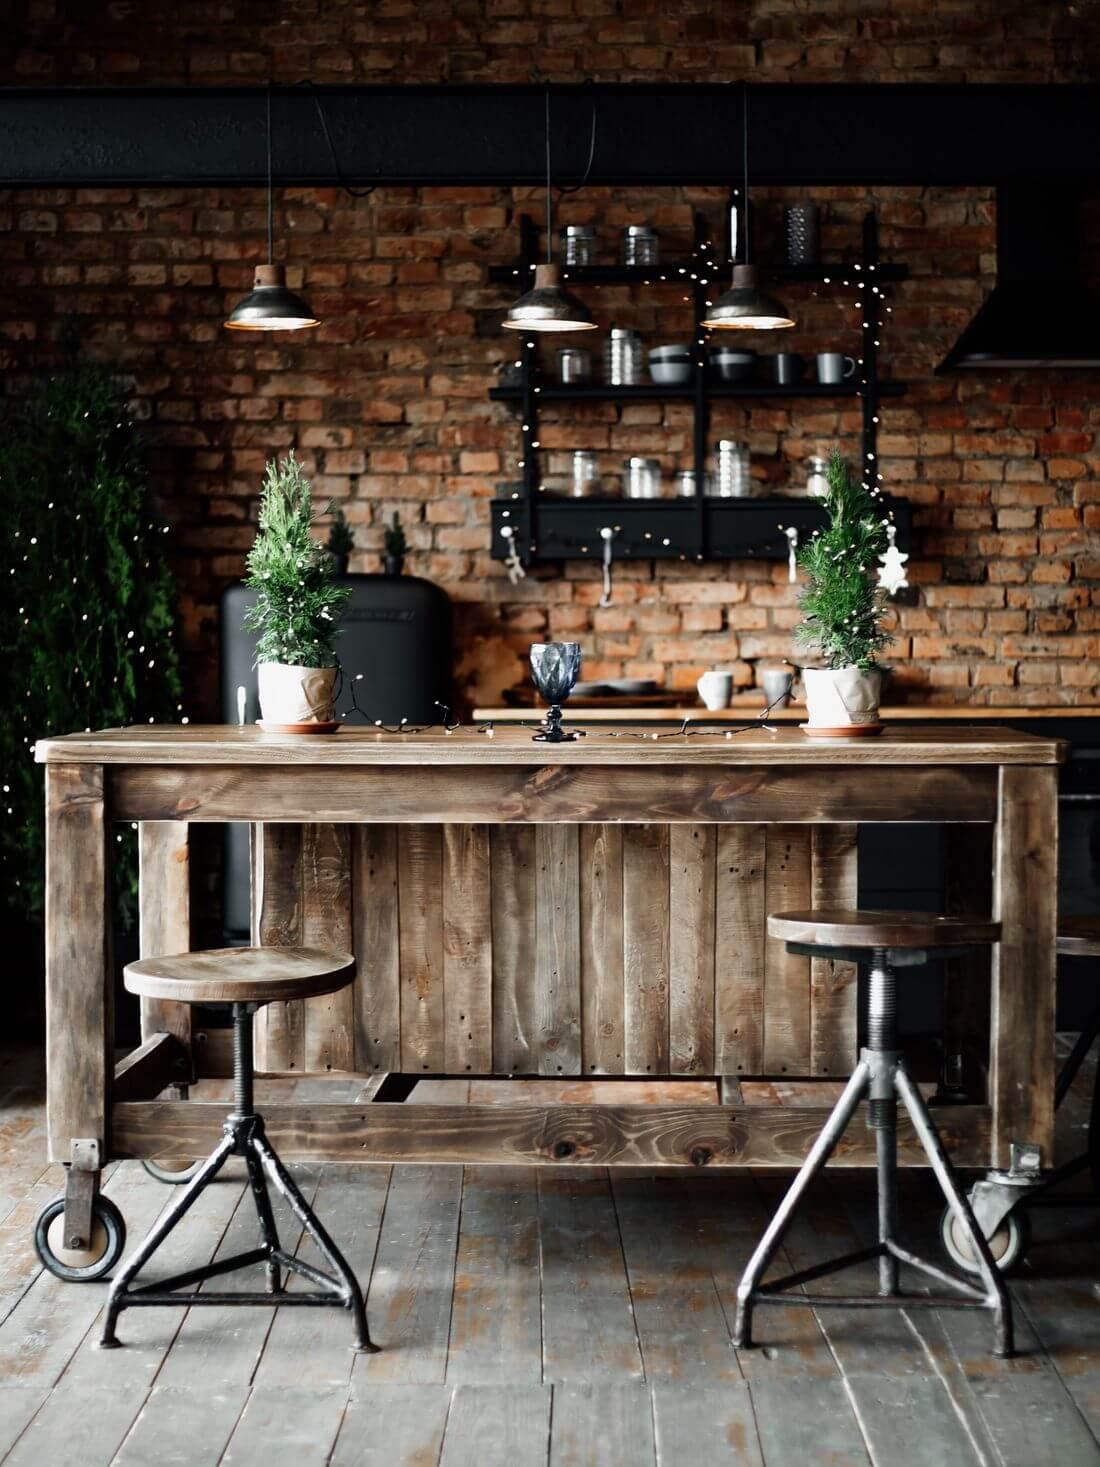 Kuchnia w stylu Industrialnym i Rustykalnym z masywnym drewnianym stołem na kółkach i ceglanymi ścianami